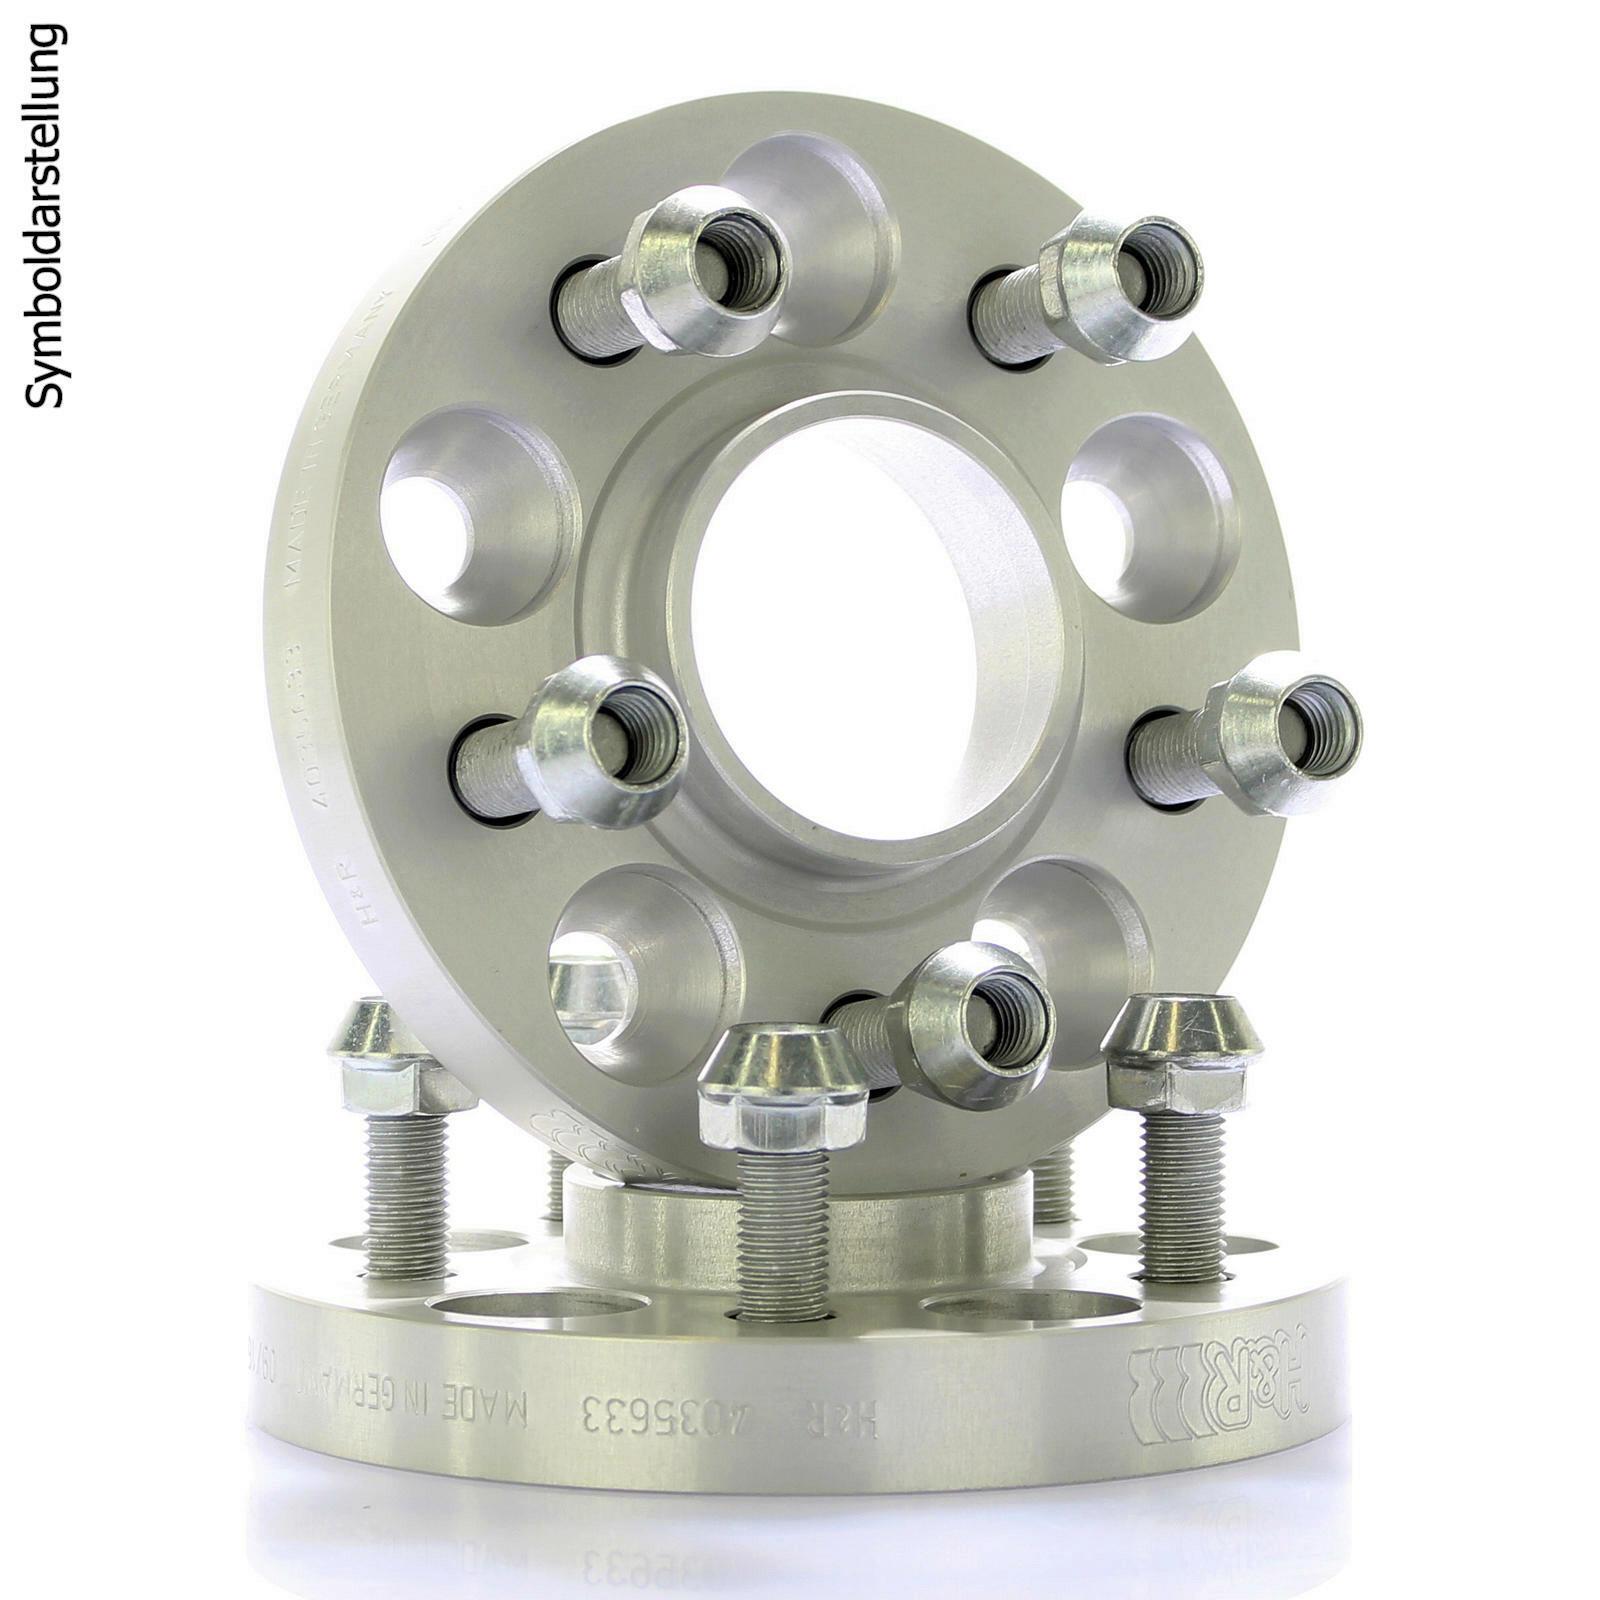 H&R DRM Spurplatten Spurverbreiterung Distanzscheibe 5x108 40mm // 2x20mm